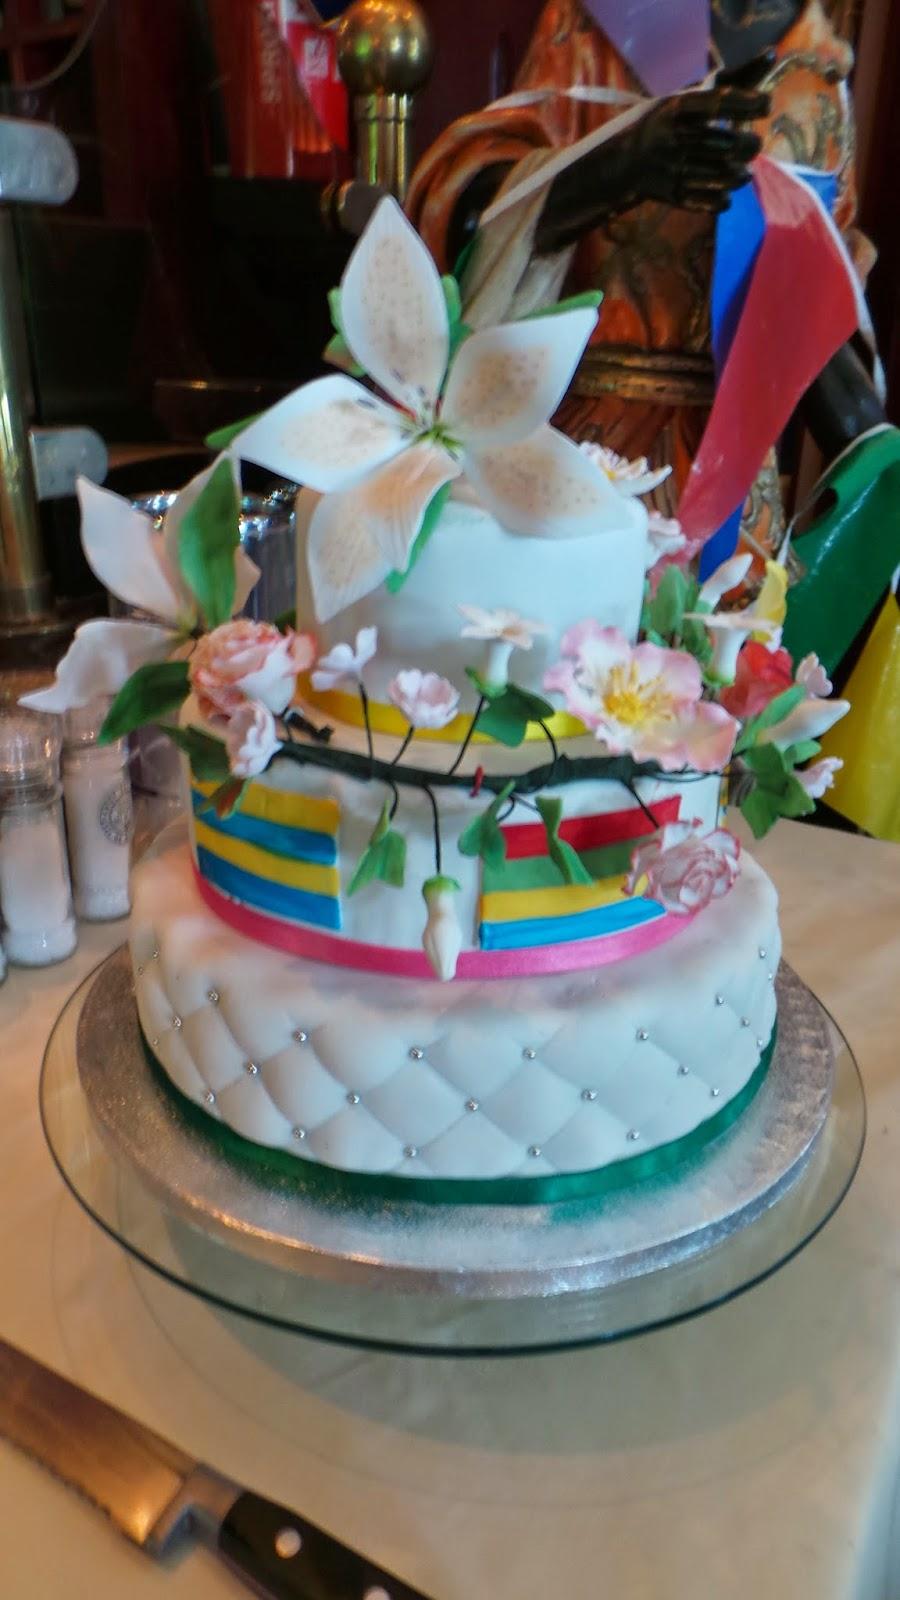 Voorkeur 60 jaar getrouwd Dat verdient een taart! | Ivette's life CI96